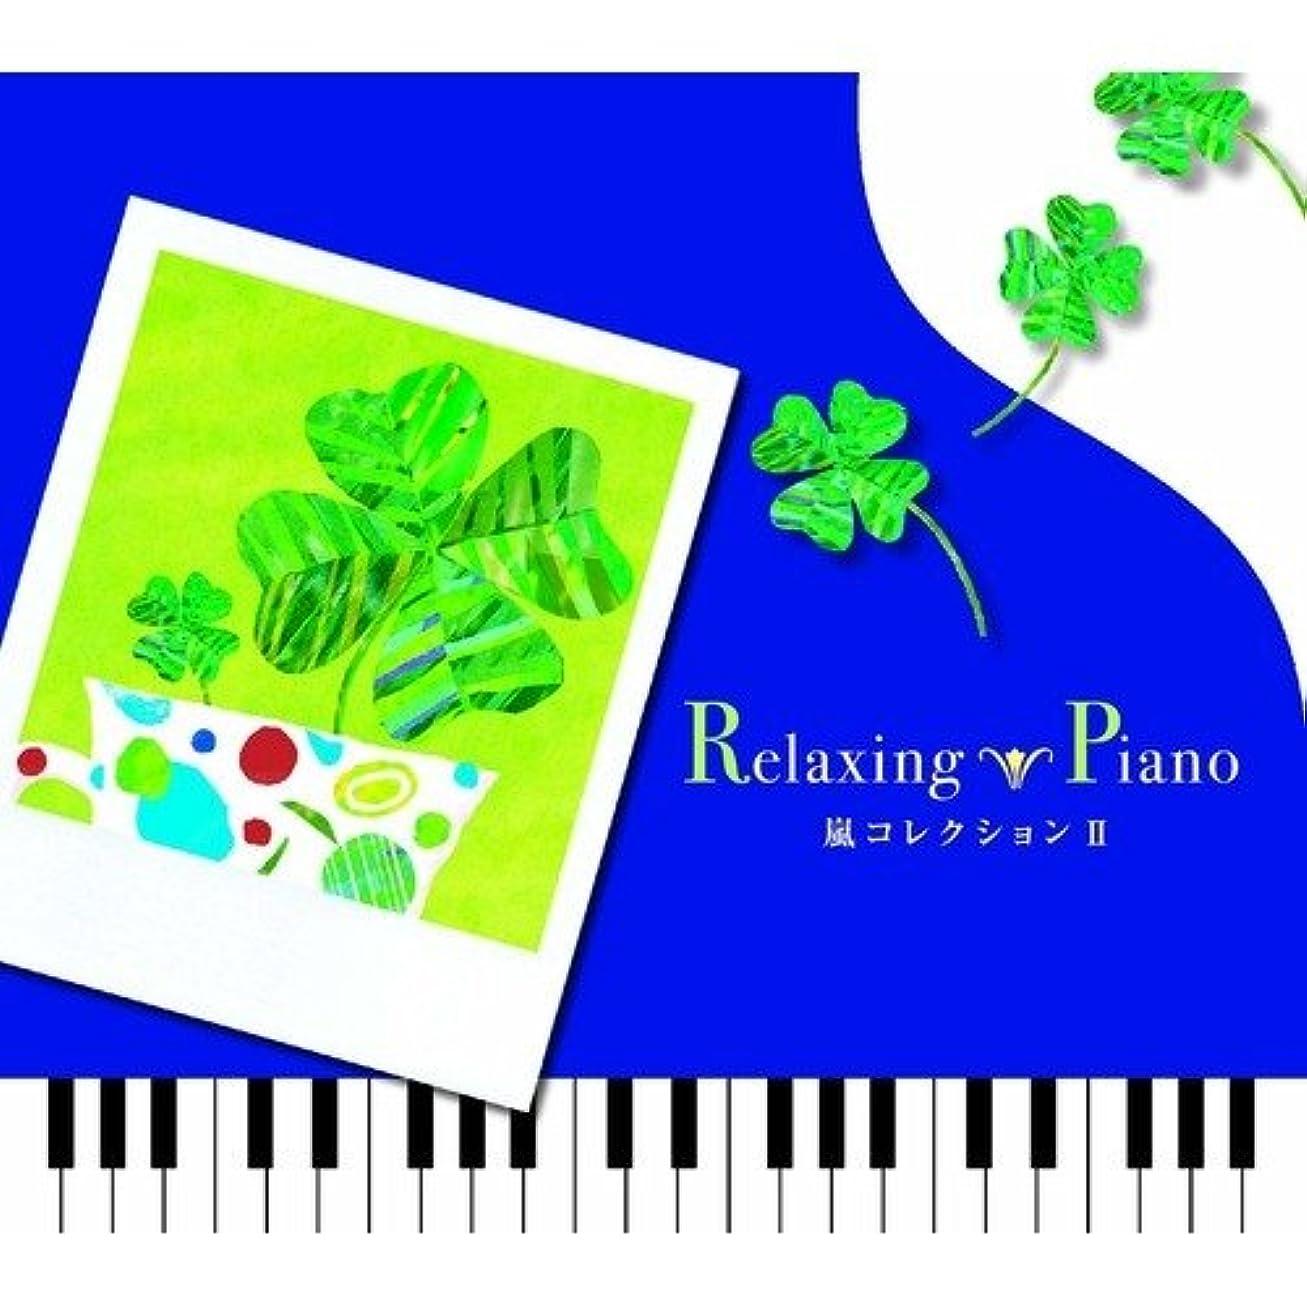 ボタン頭痛懸念Relaxing Piano 嵐 コレクション II